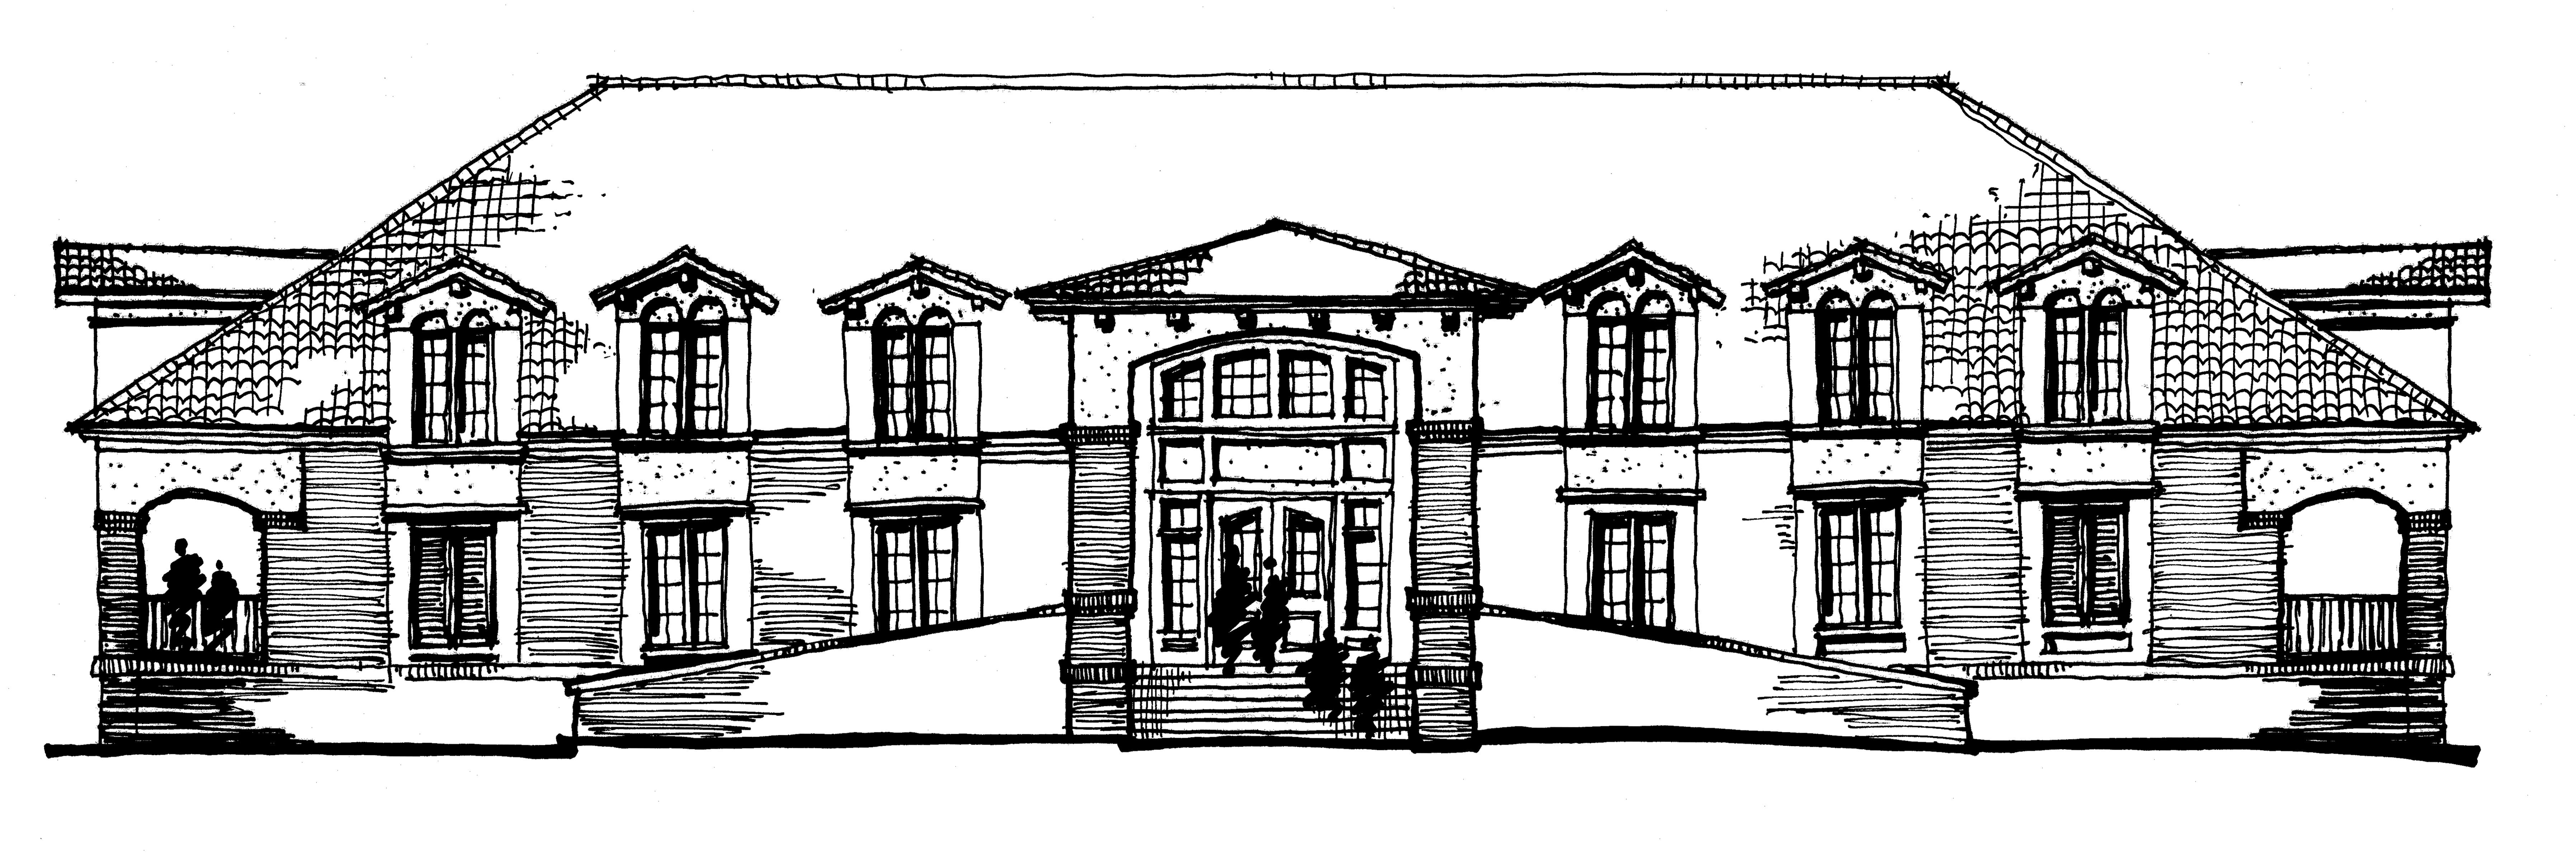 BelleTerreClubhouse